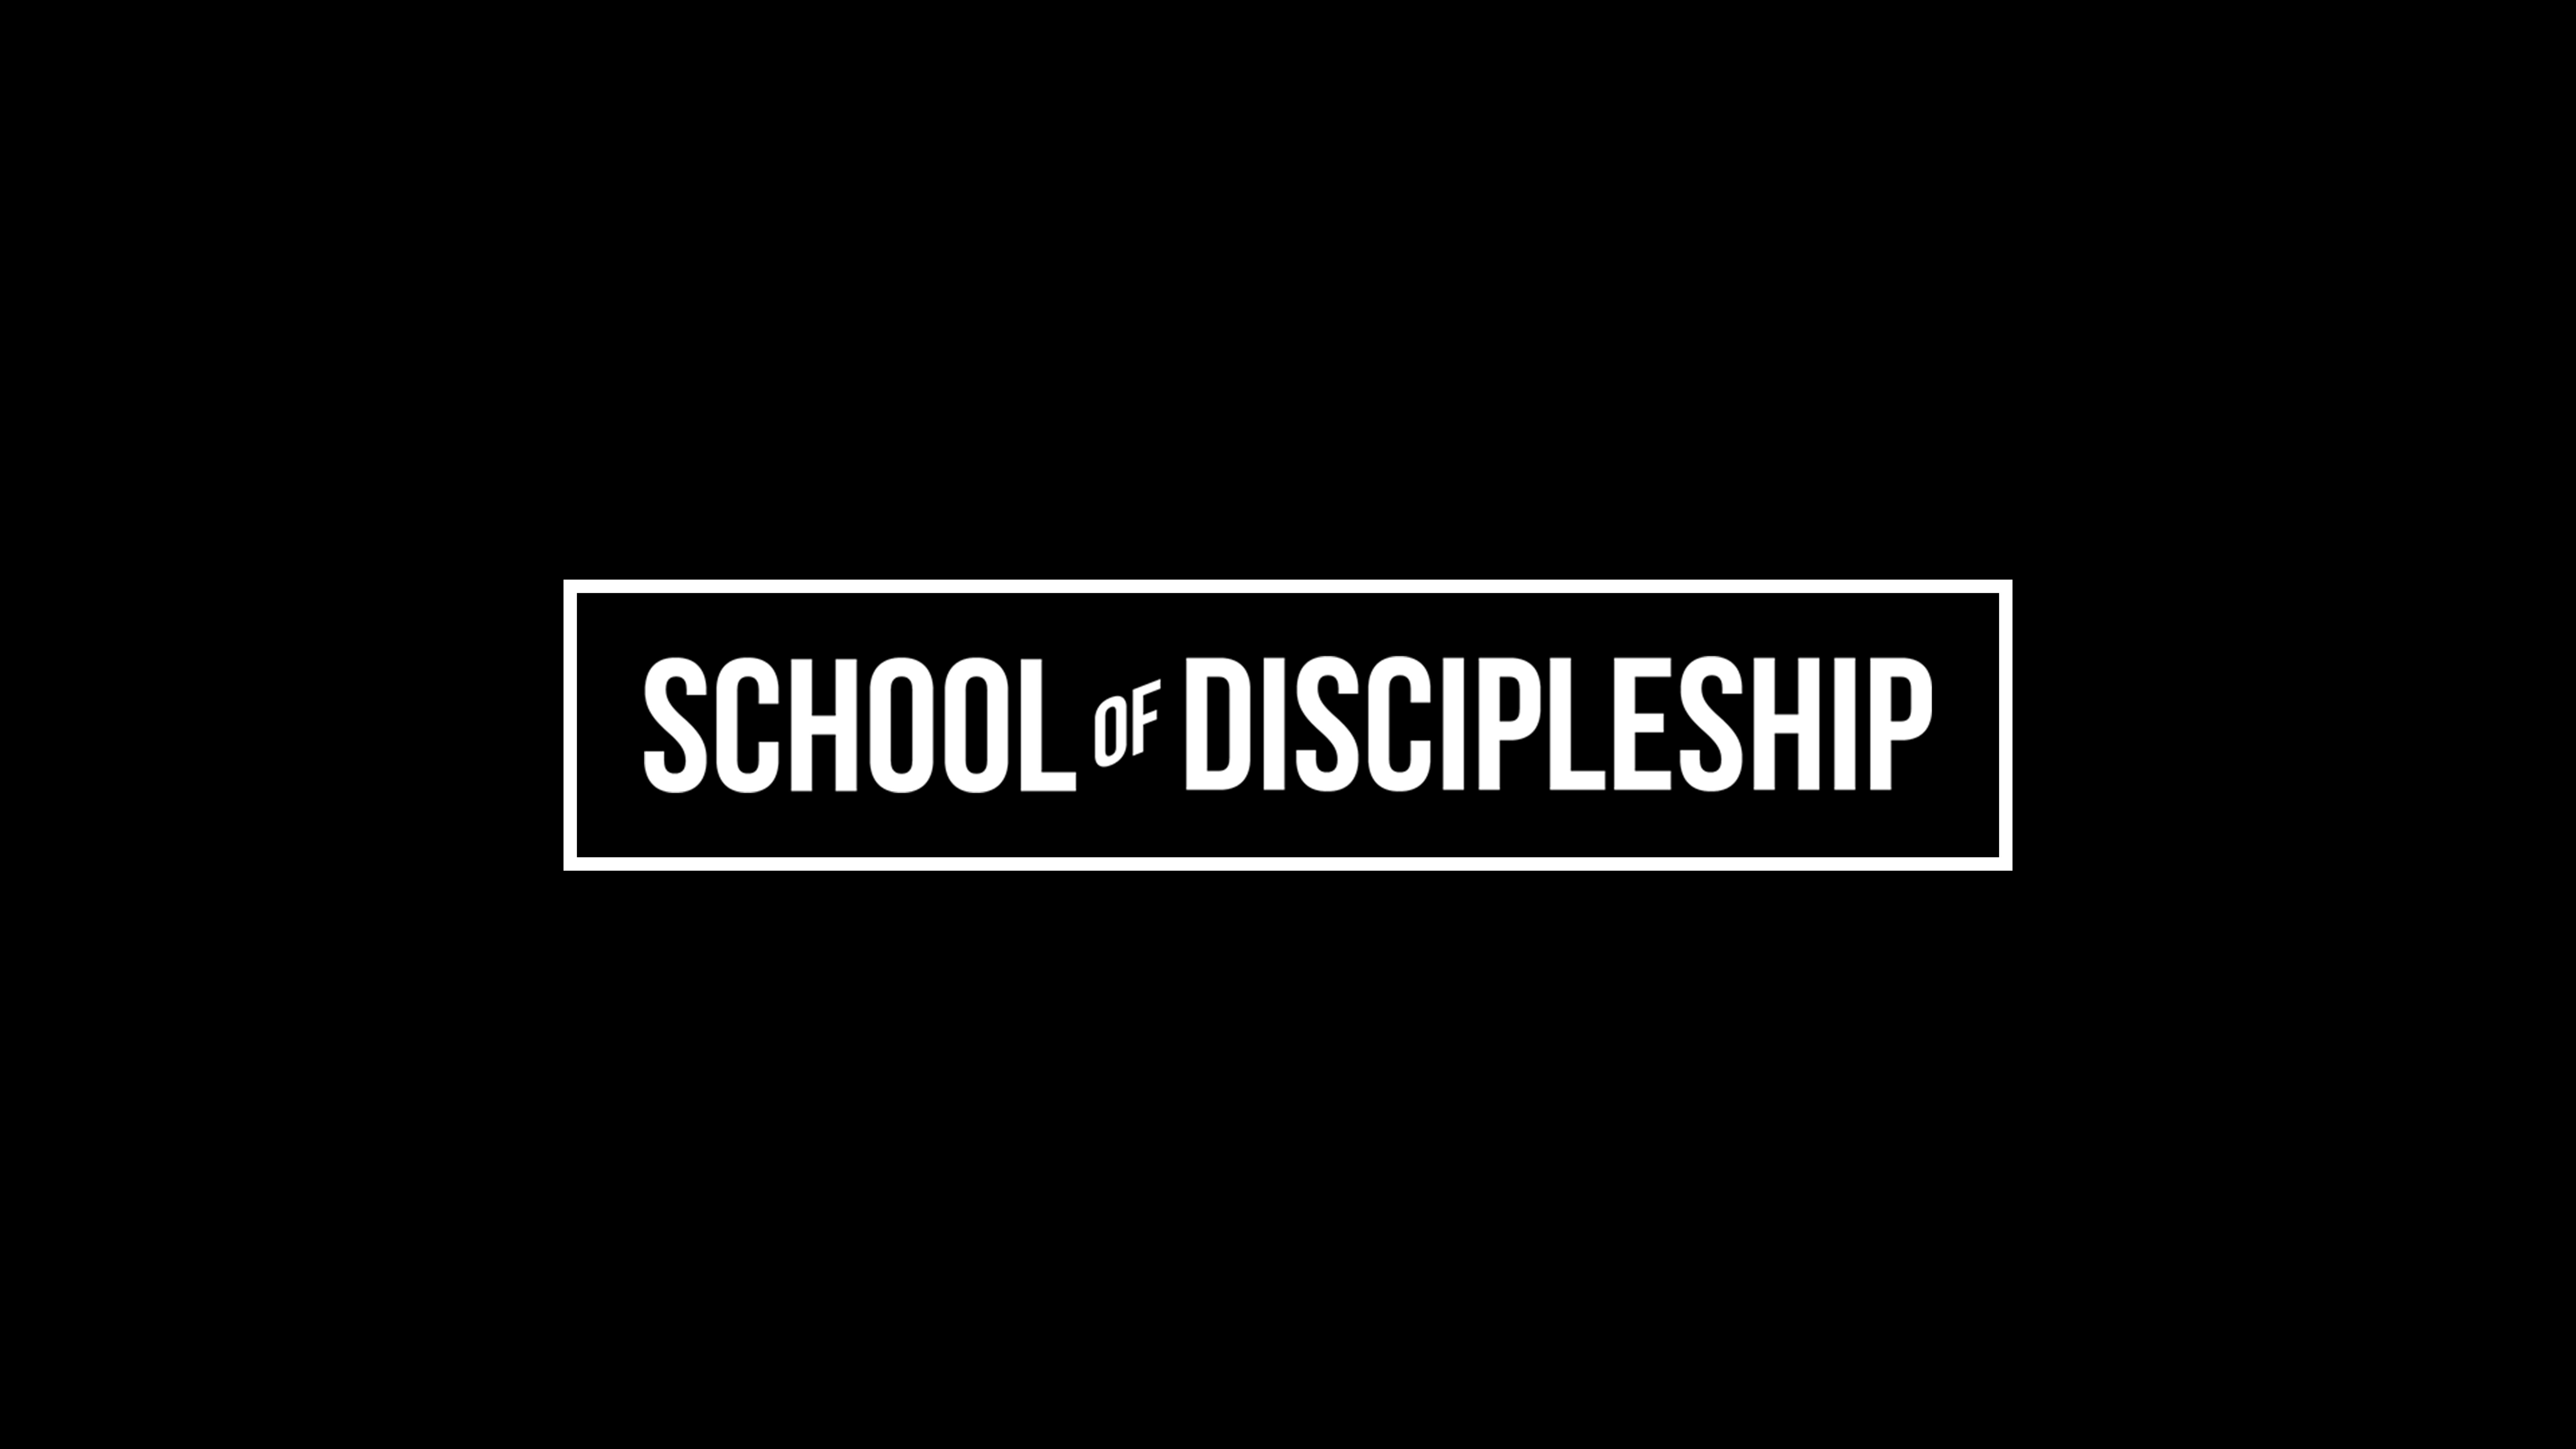 School of Discipleship at the Cumming campus